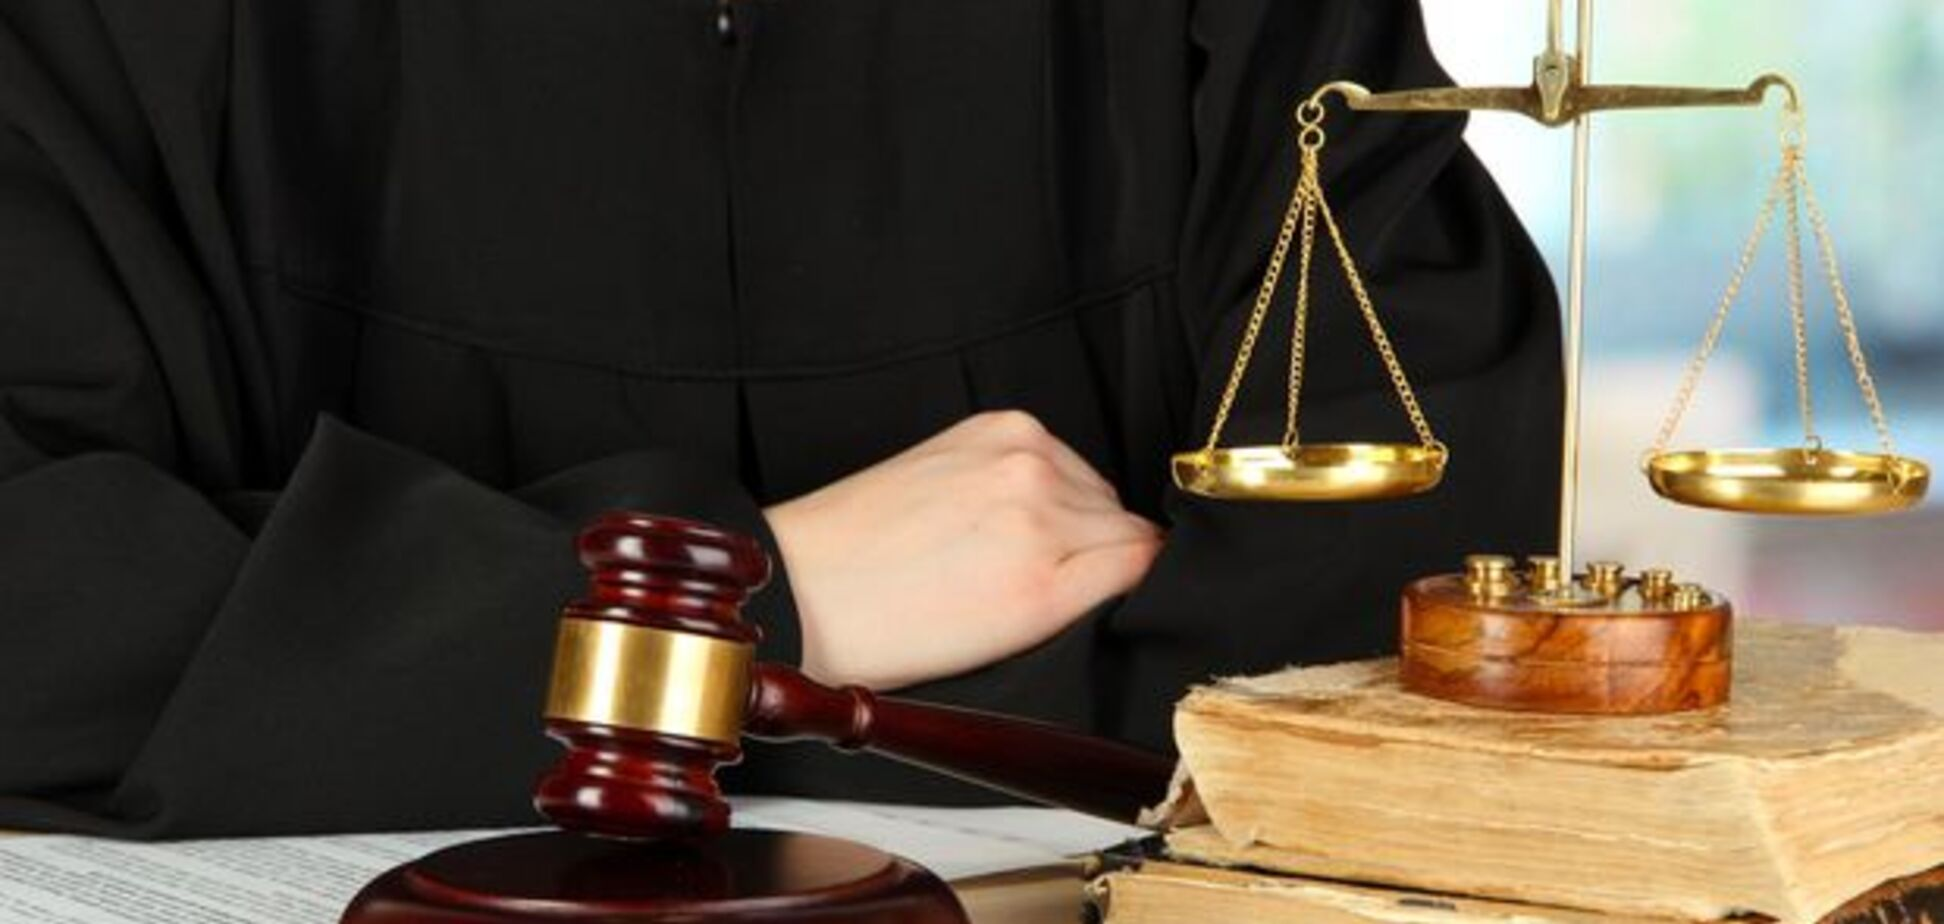 Експрес-ліквідації судів: навіщо швидко запрягати?